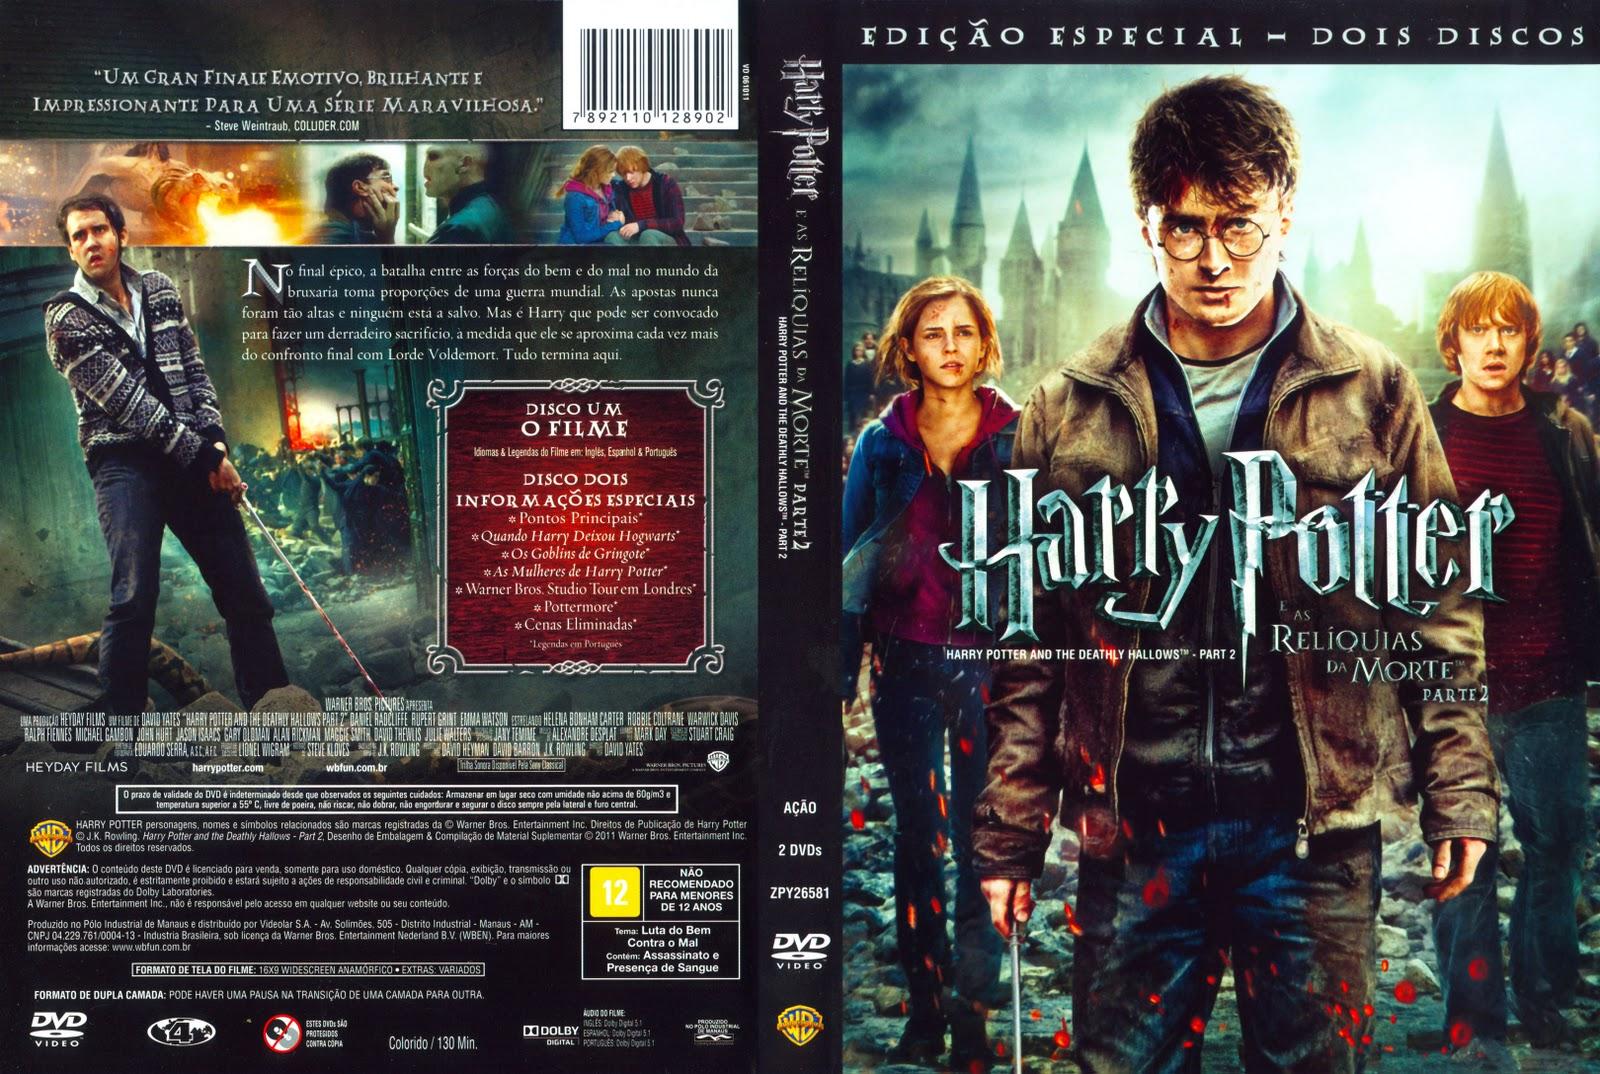 http://4.bp.blogspot.com/-ldO36YdkYtk/TtJJJq-wTUI/AAAAAAAACJE/Yla6gkhCBXA/s1600/Harry+Potter+-+E+As+Rel%25C3%25ADquias+Da+Morte+-+Parte+2.jpg